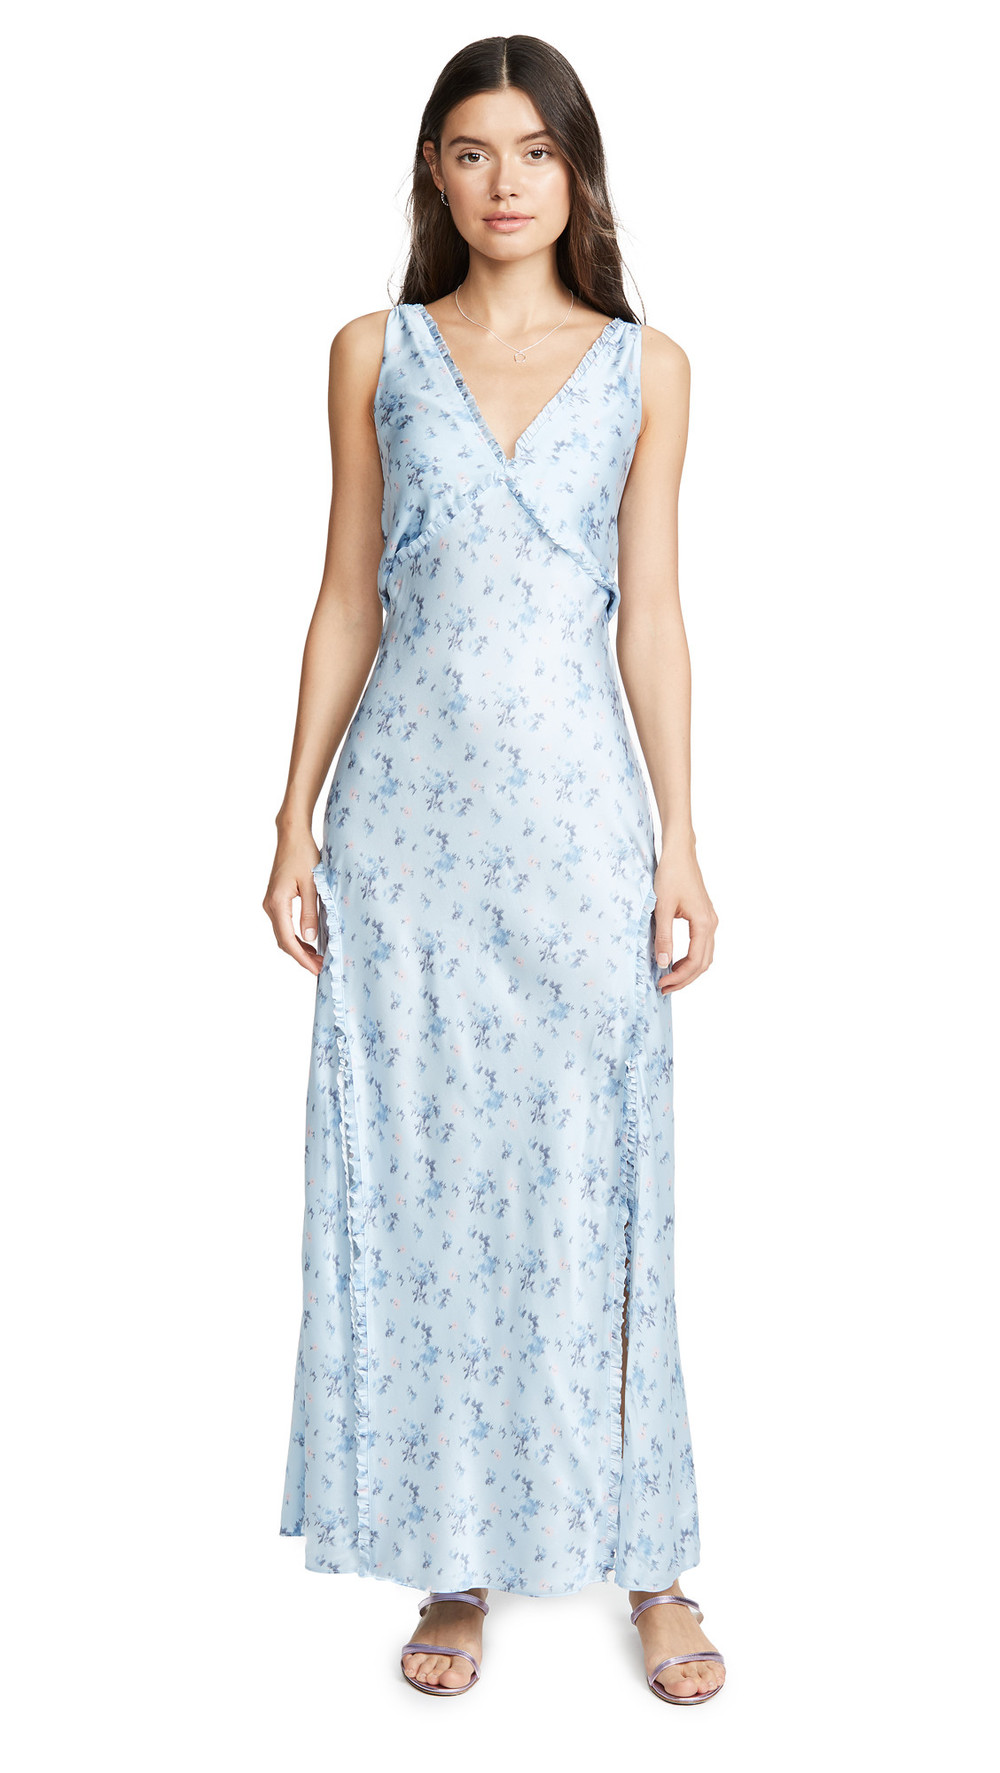 LOVESHACKFANCY Kendall Dress in blue